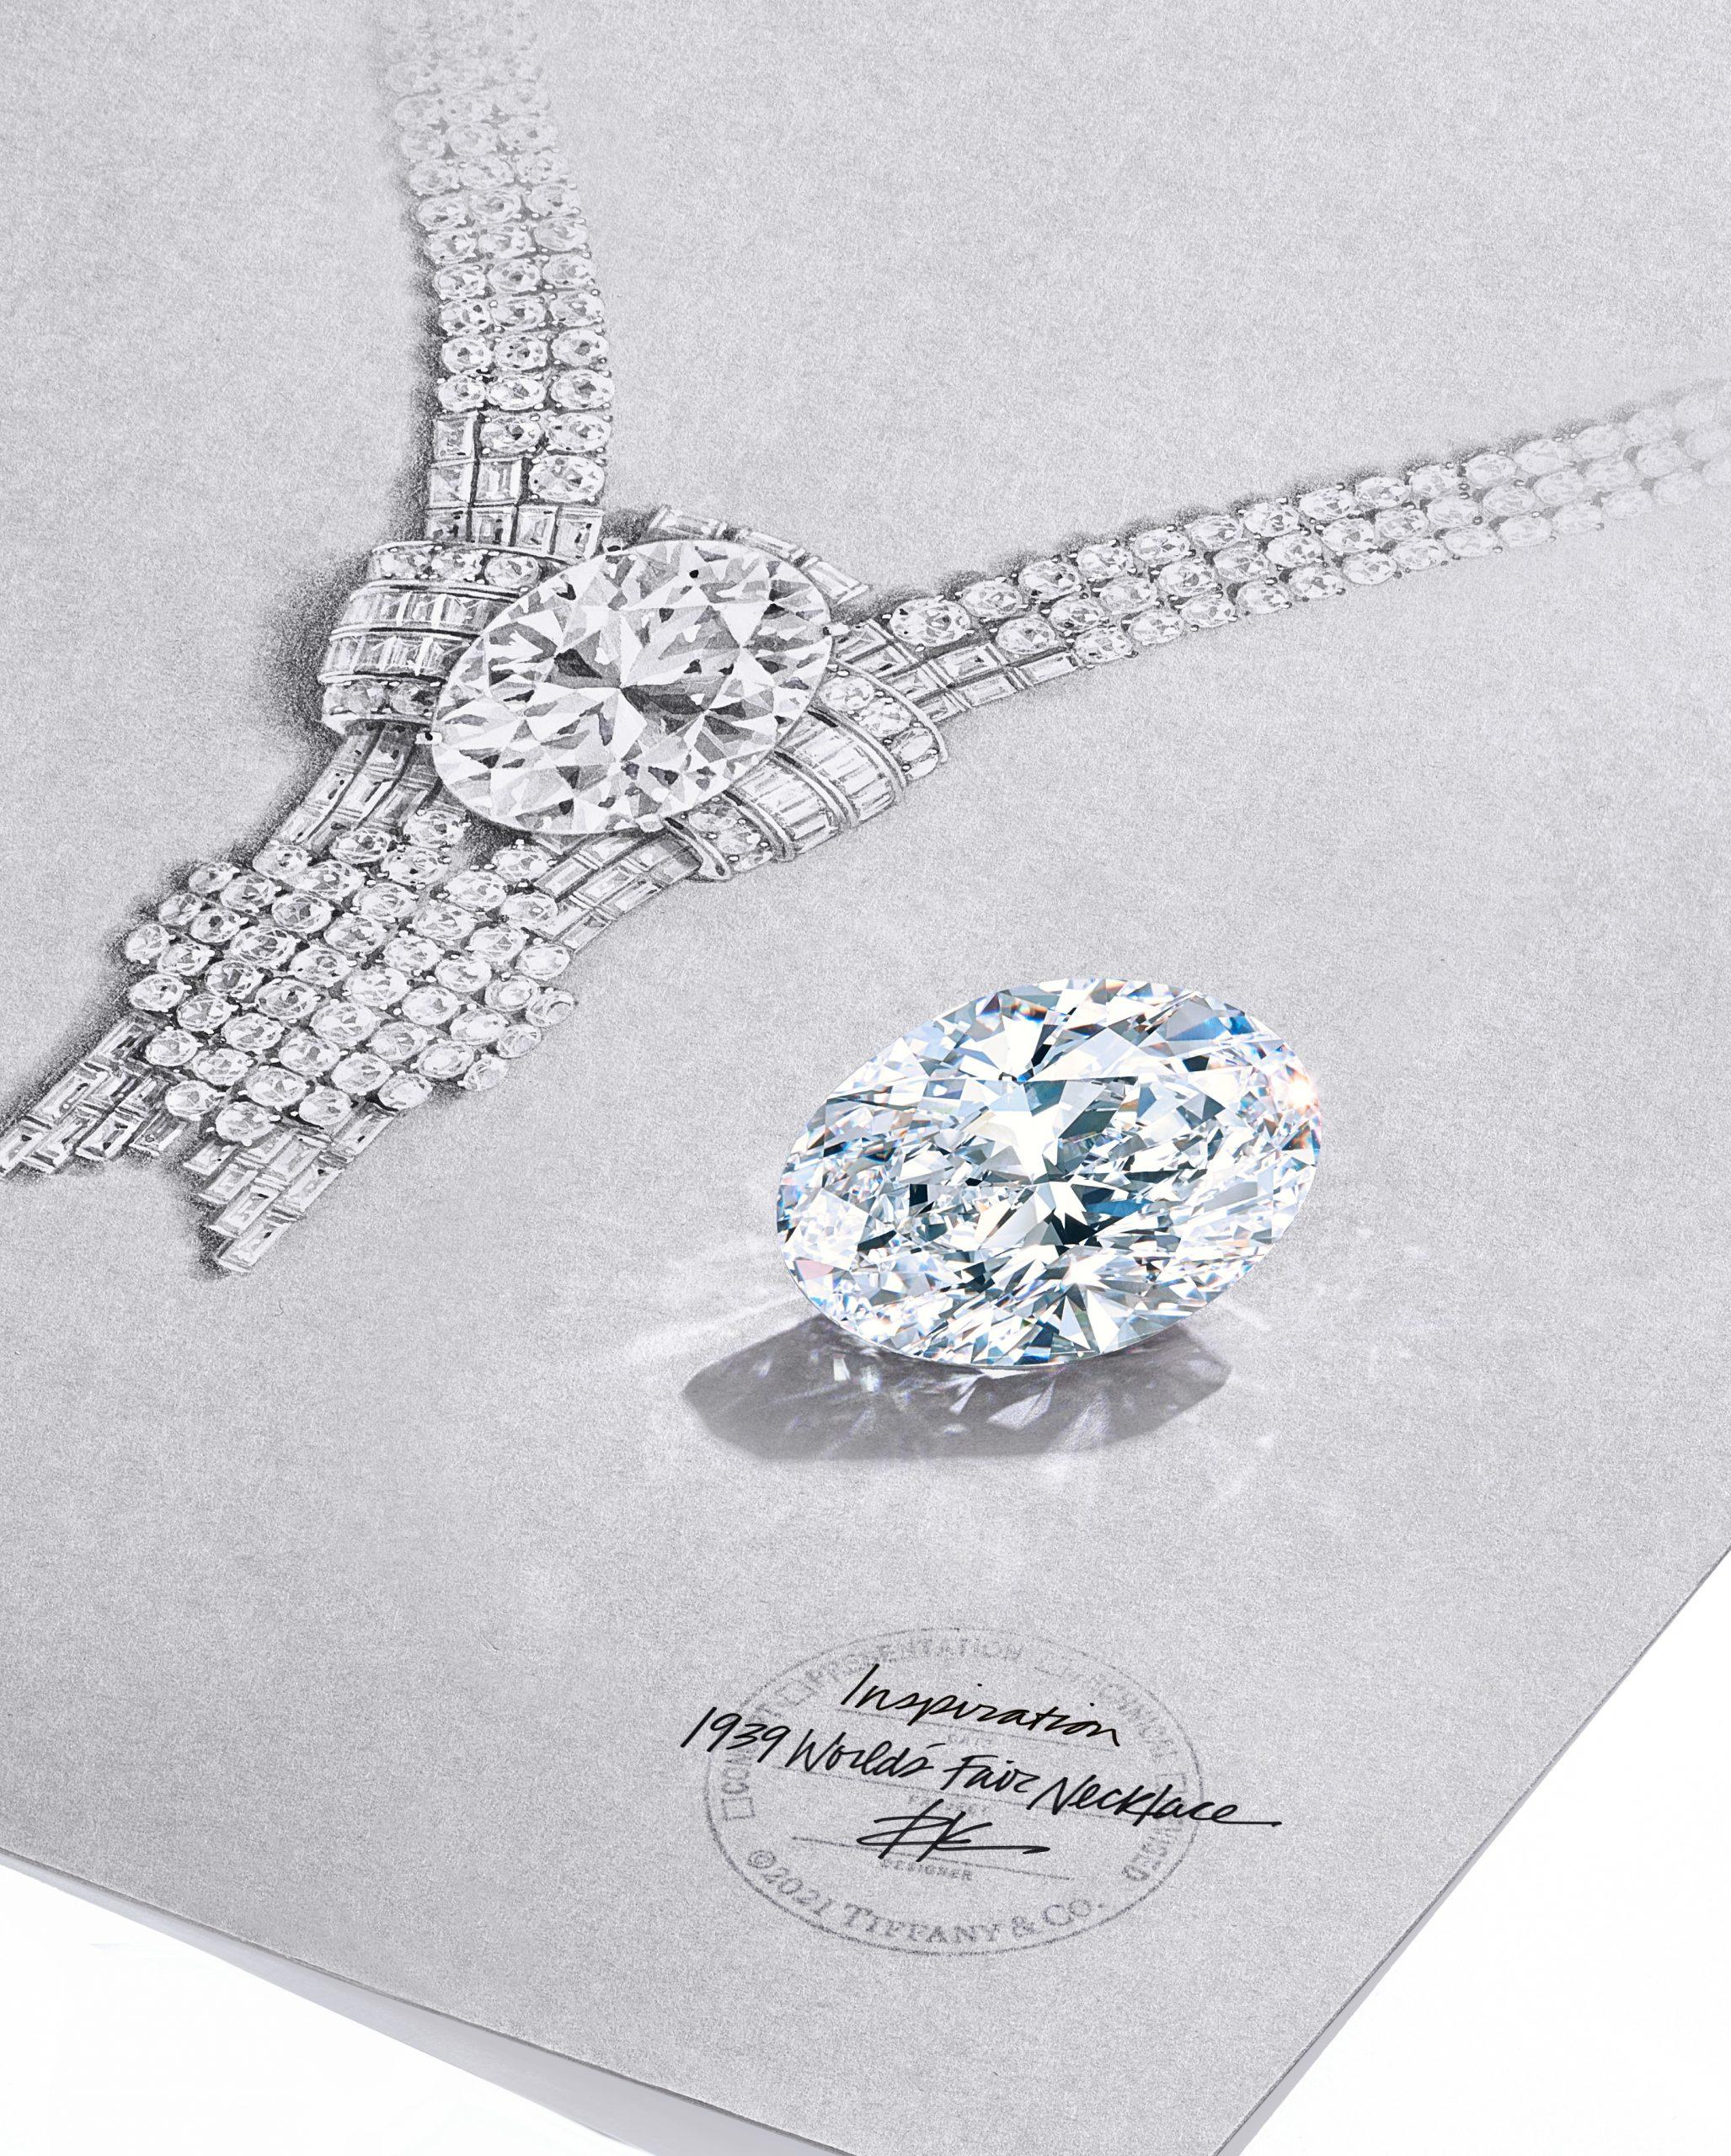 tiffany & co diamant